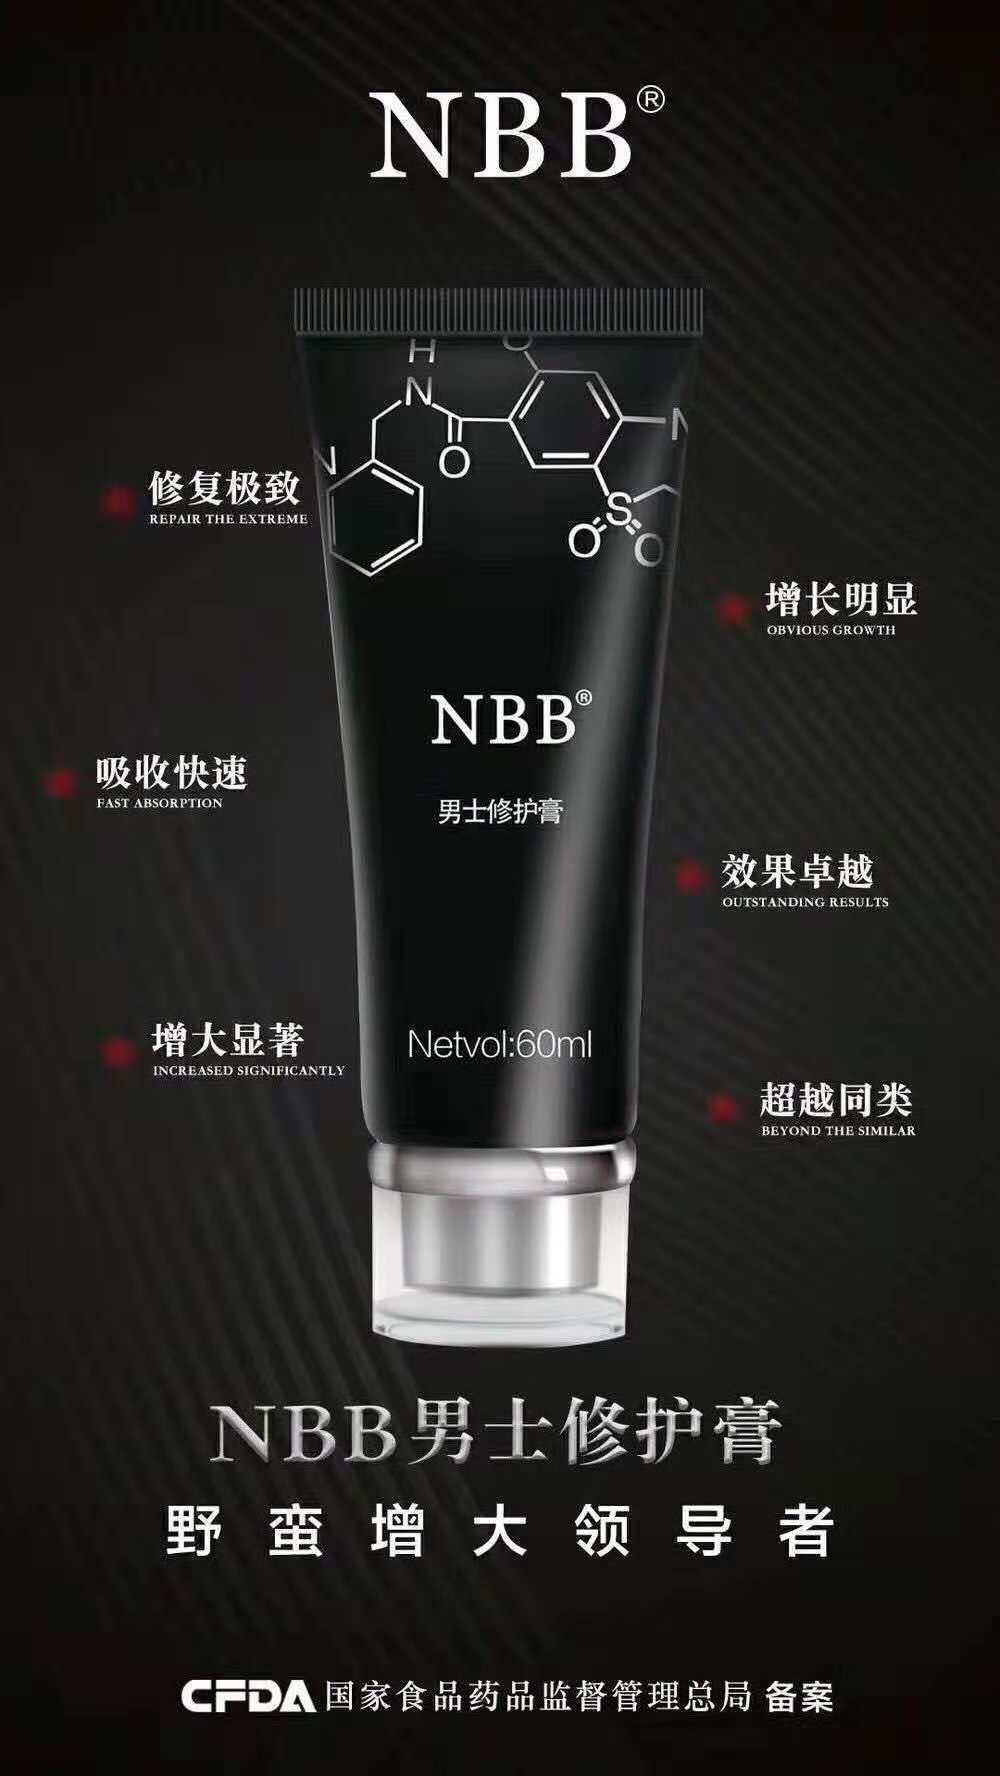 NBB修复膏到底有没有效果,内容揭秘曝光